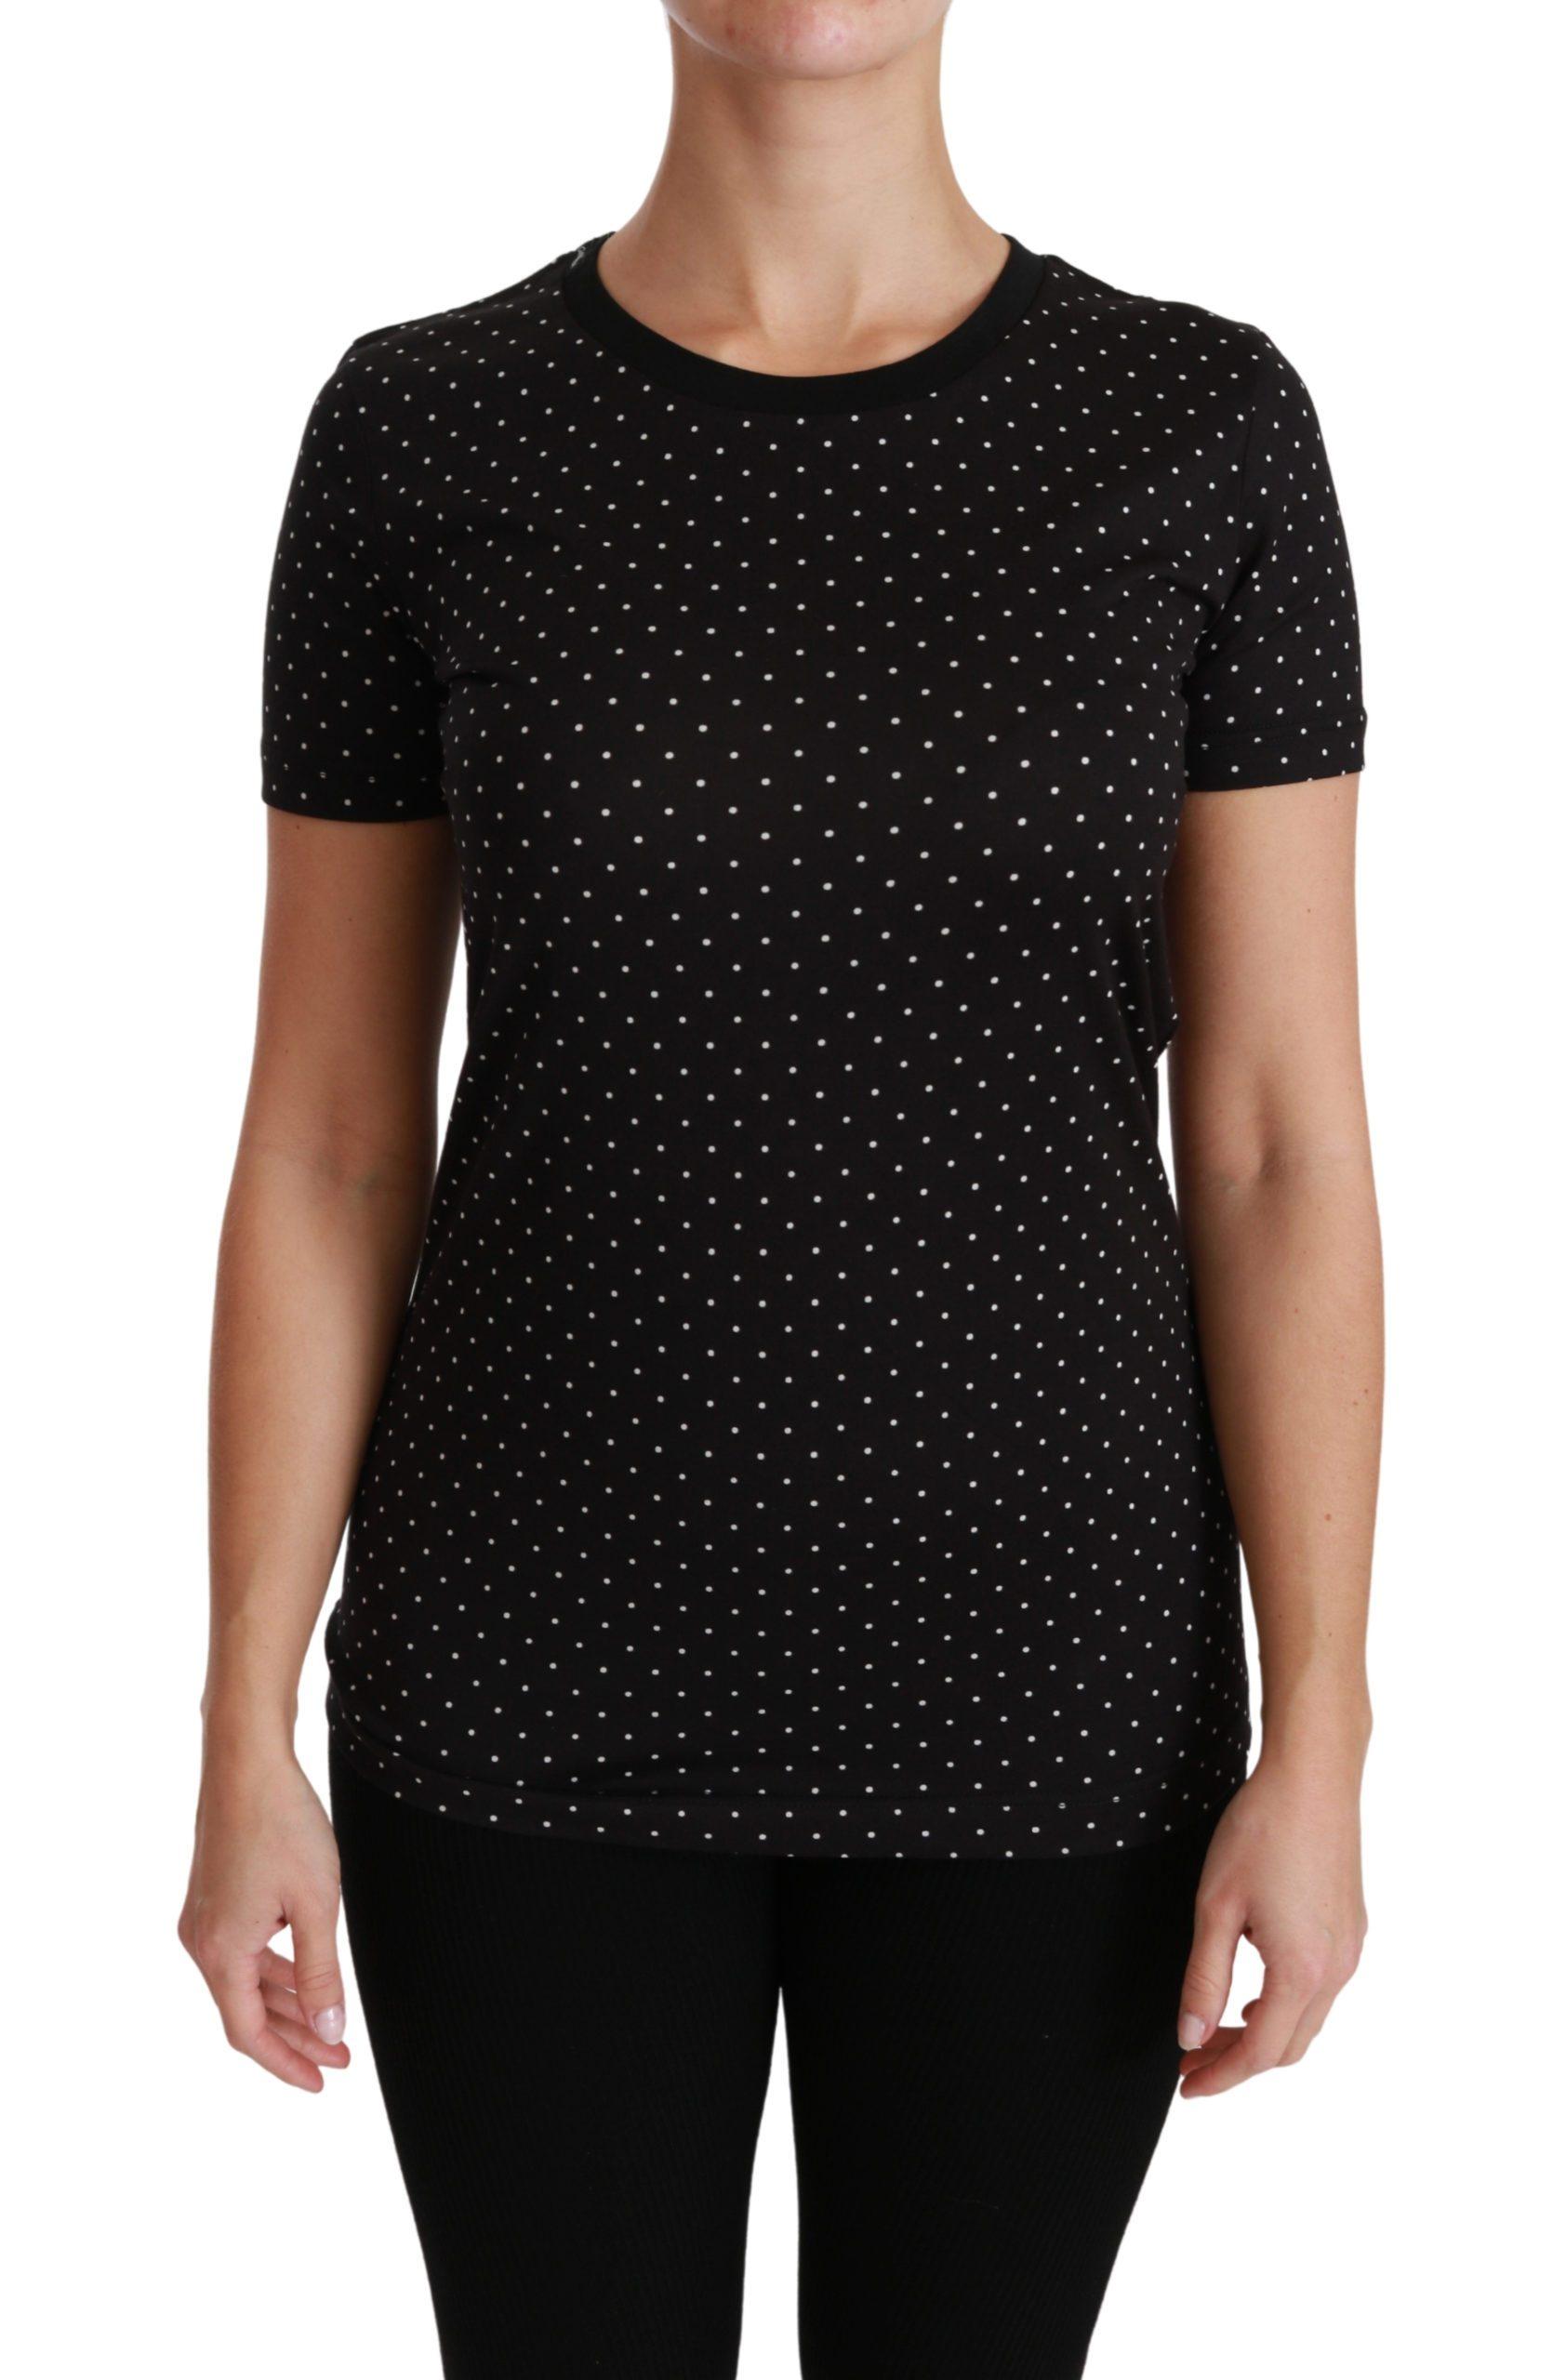 Dolce & Gabbana Women's Dotted Cotton Top Black TSH4434-36 - IT36 | XS